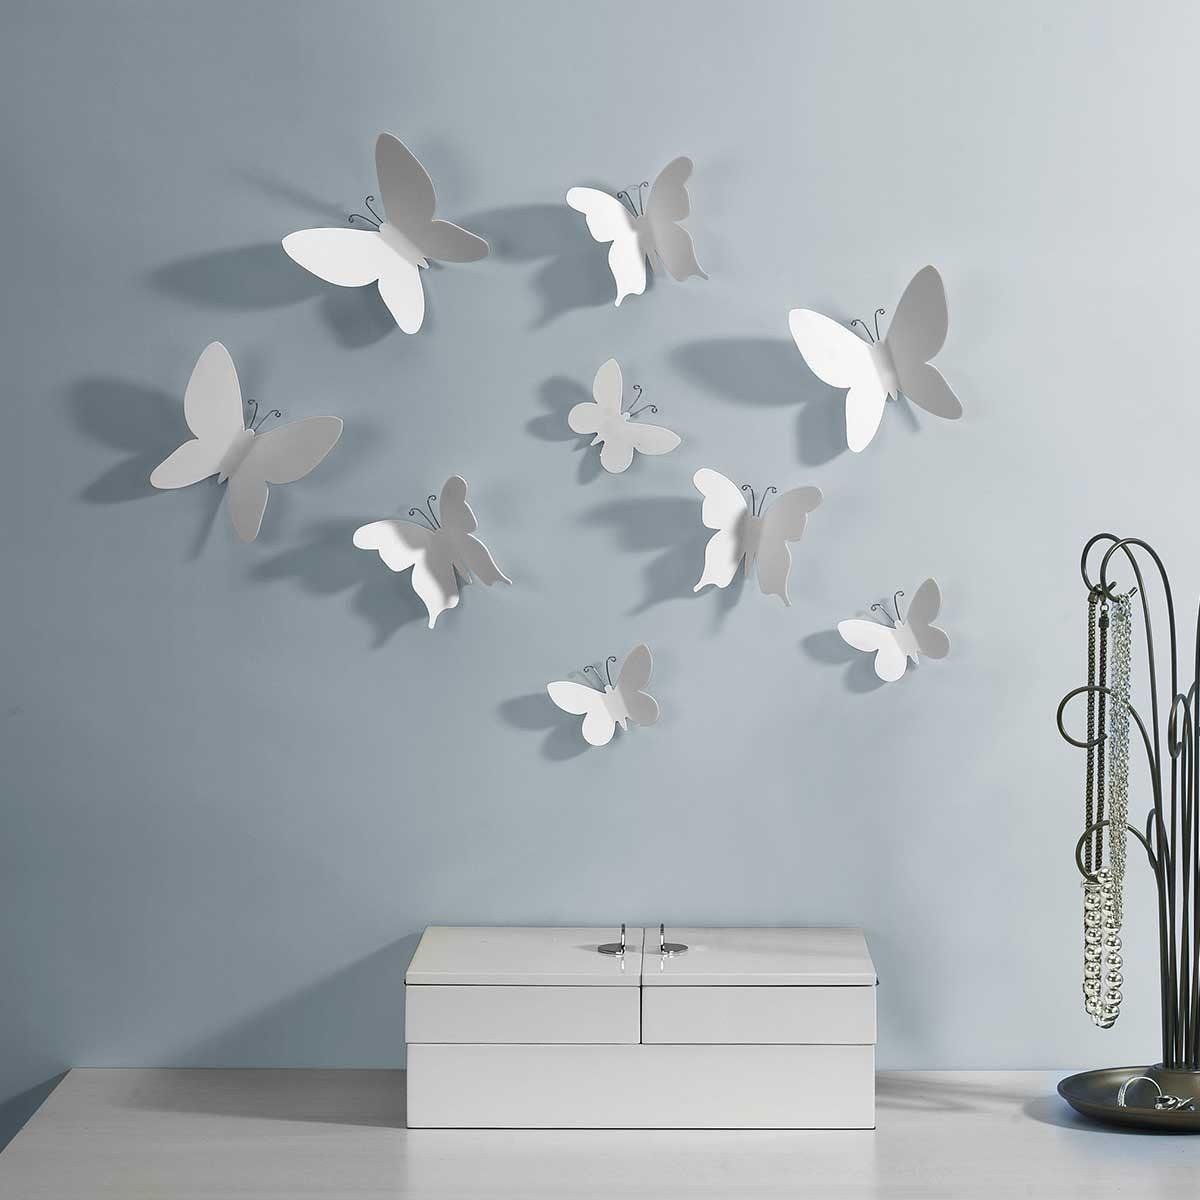 wanddecoratie quotwitte vlindersquot cadeautjesnl